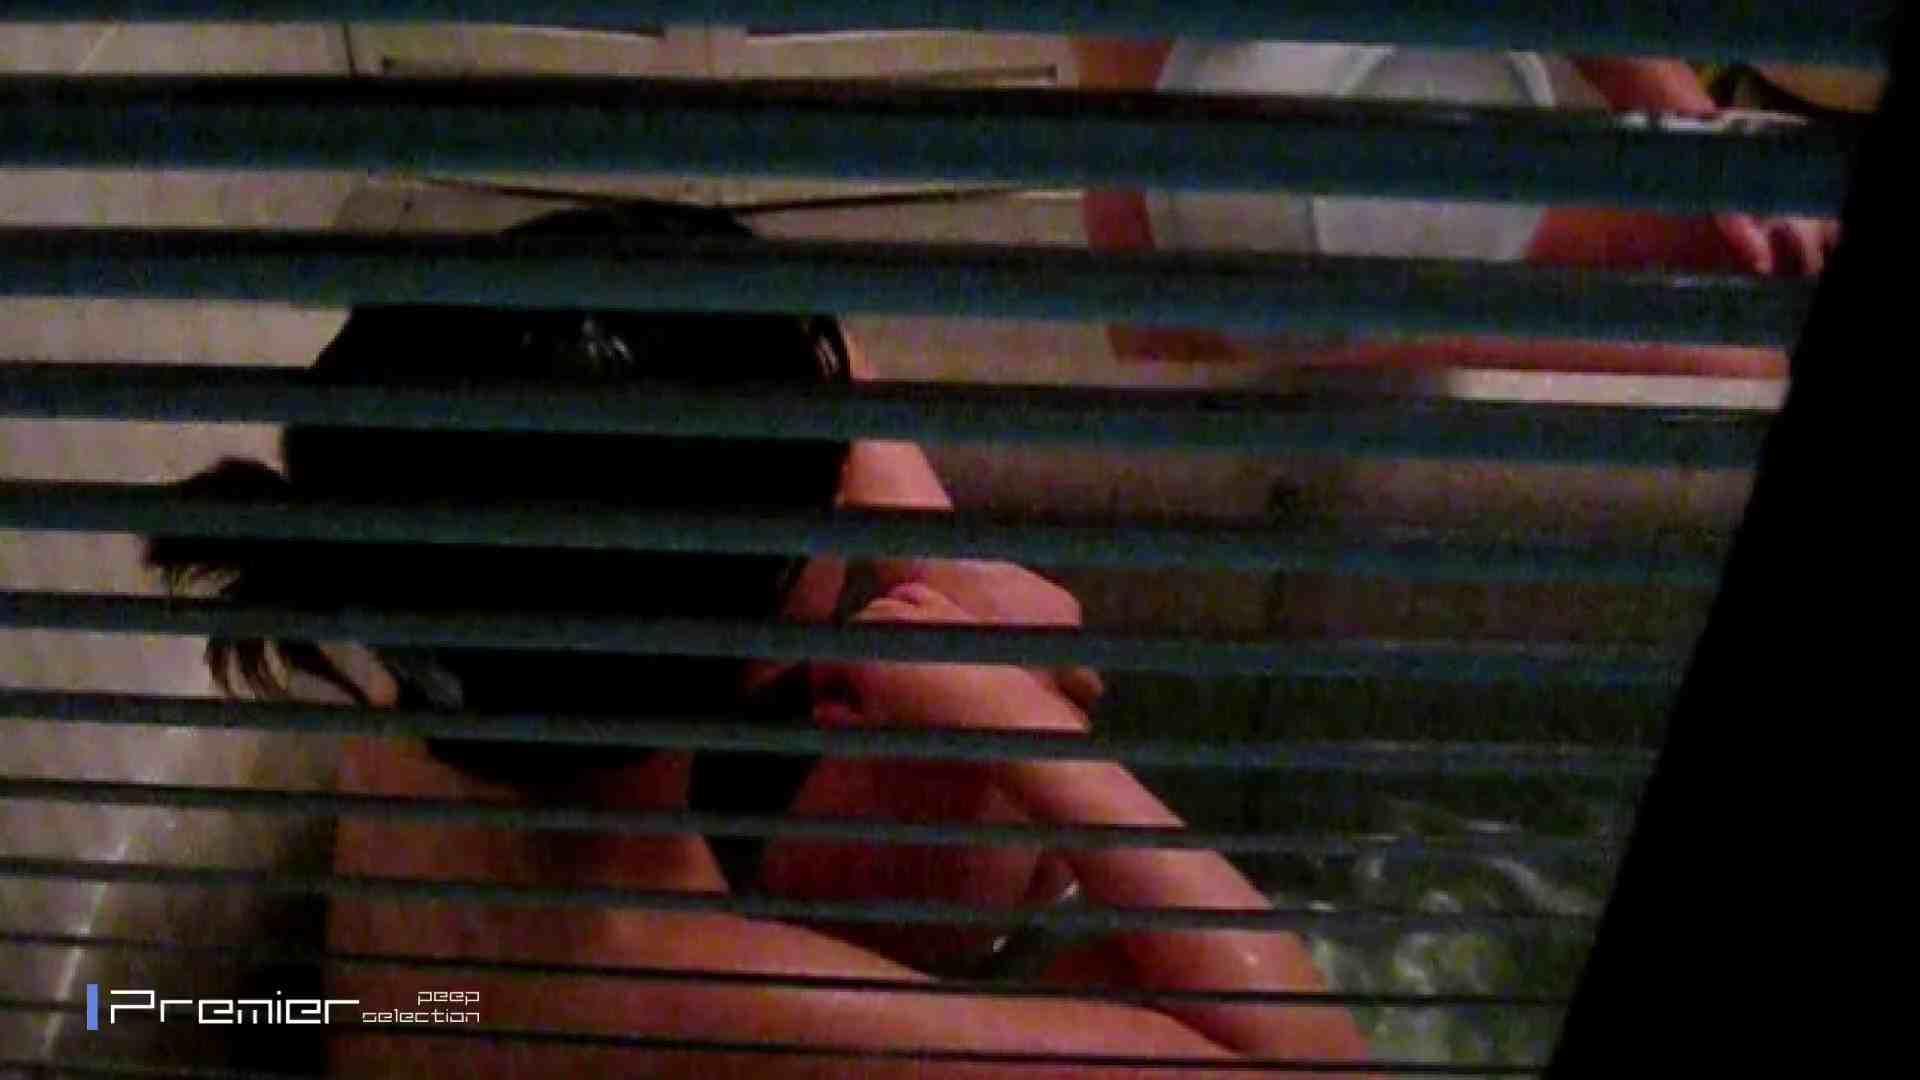 水面から透ける剛毛マン毛 乙女の風呂場 Vol.12 女湯 AV無料動画キャプチャ 91画像 46